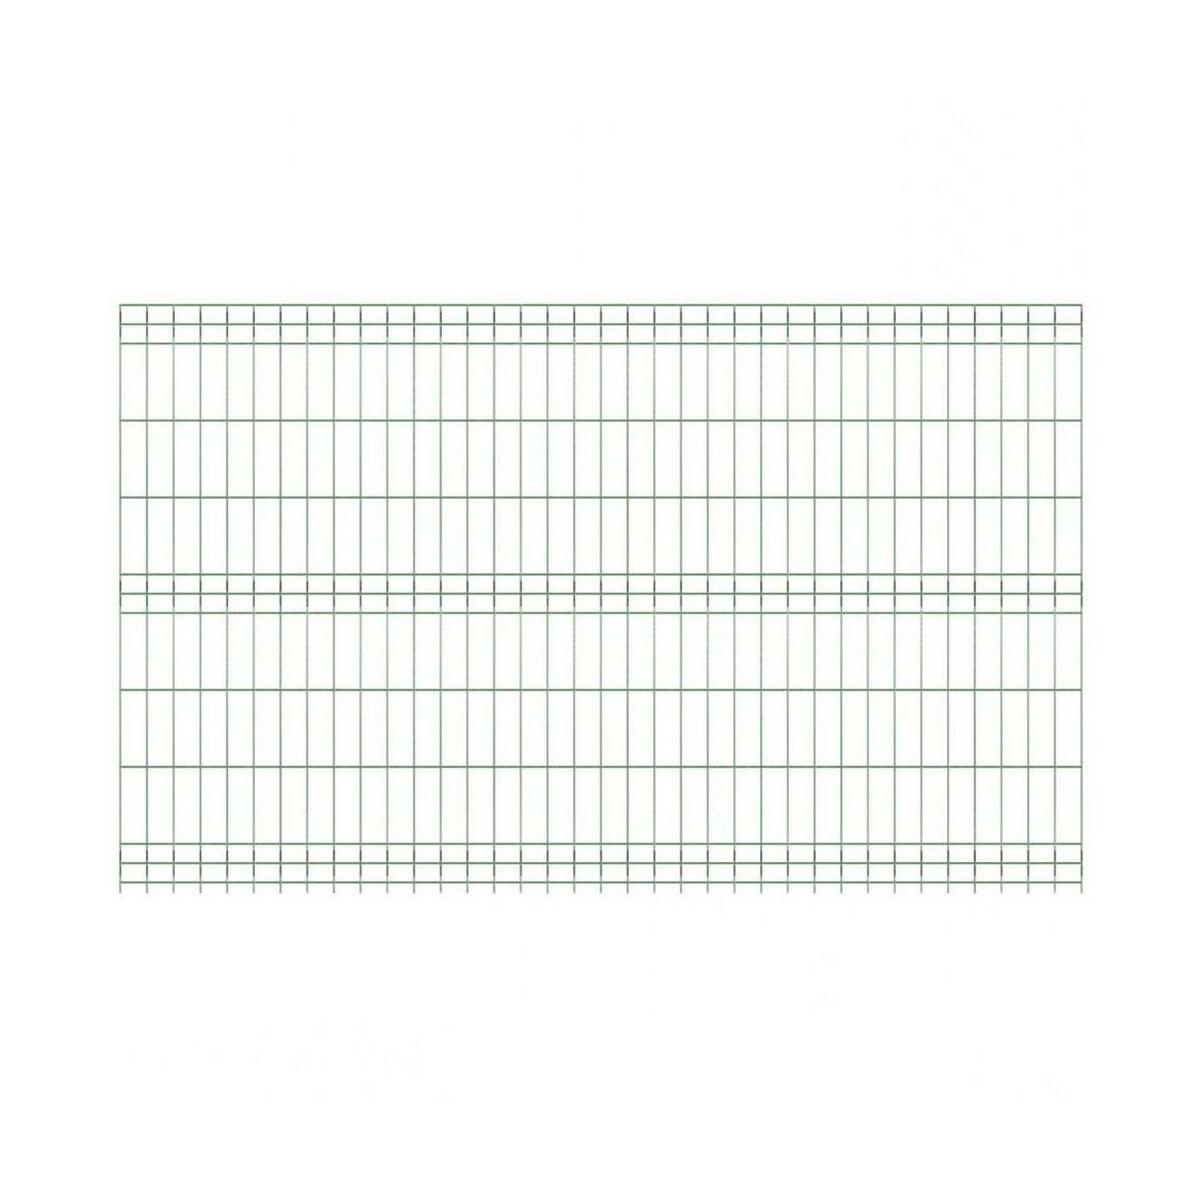 Panel Ogrodzeniowy Vera 153 X 250 Cm Zielony Wisniowski Panele Ogrodzeniowe W Atrakcyjnej Cenie W Sklepach Leroy Merlin